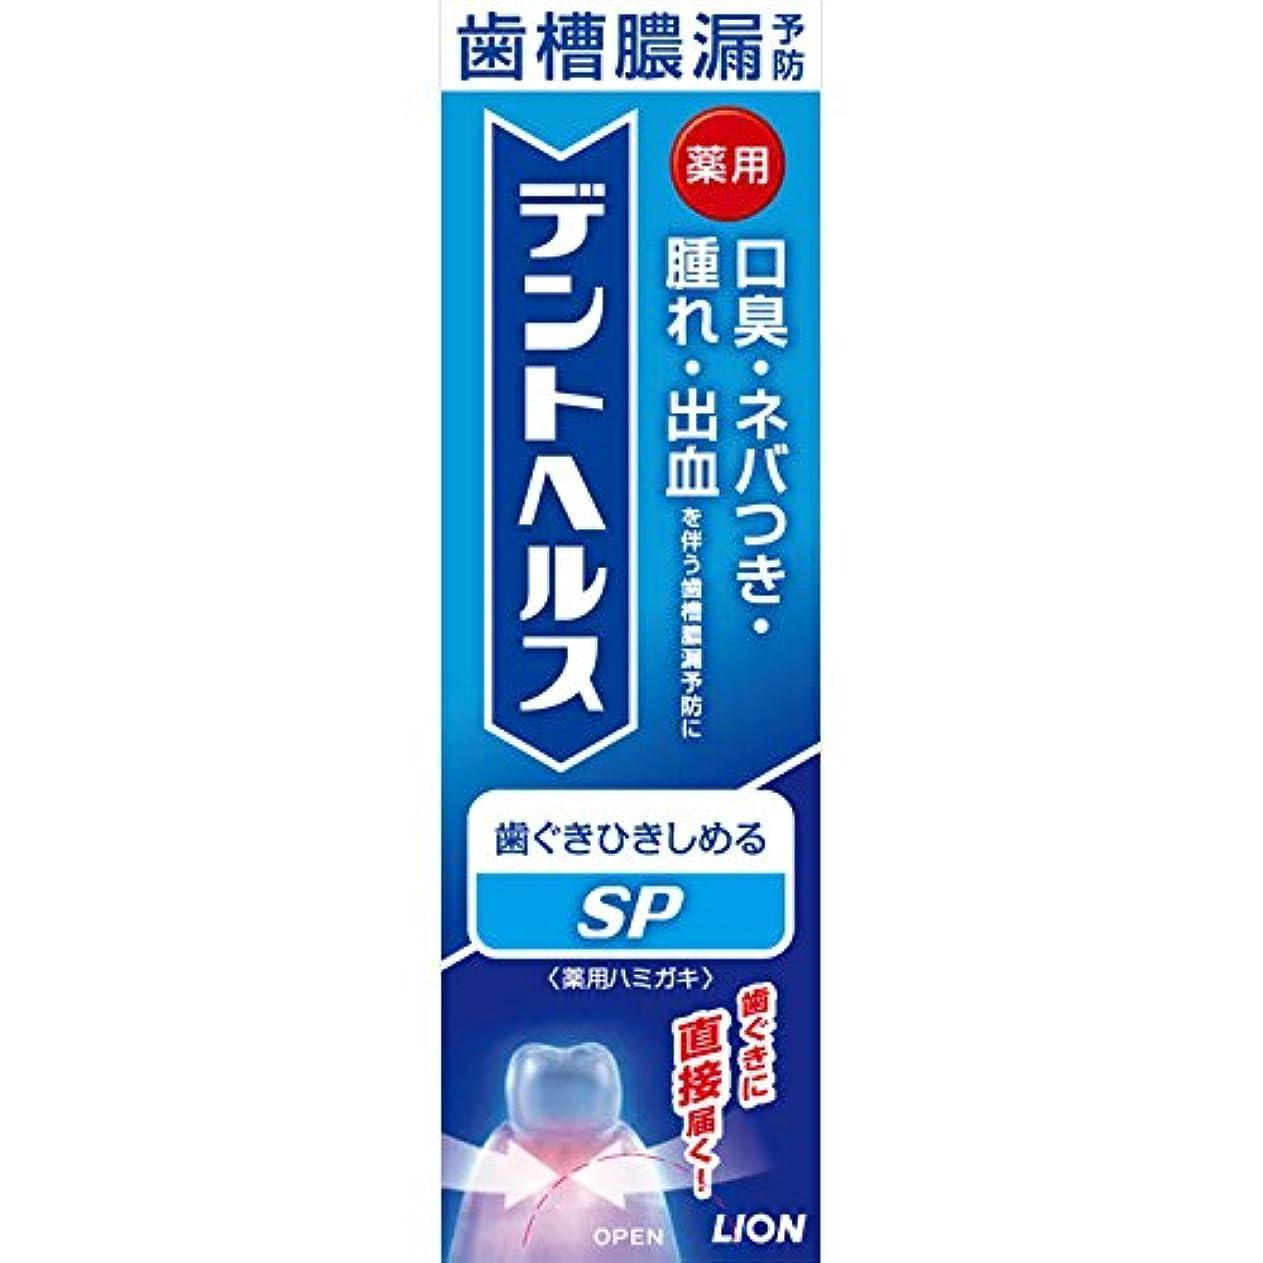 オペラ金額ボクシングデントヘルス薬用ハミガキSPメディカルハーブミント90g×10個